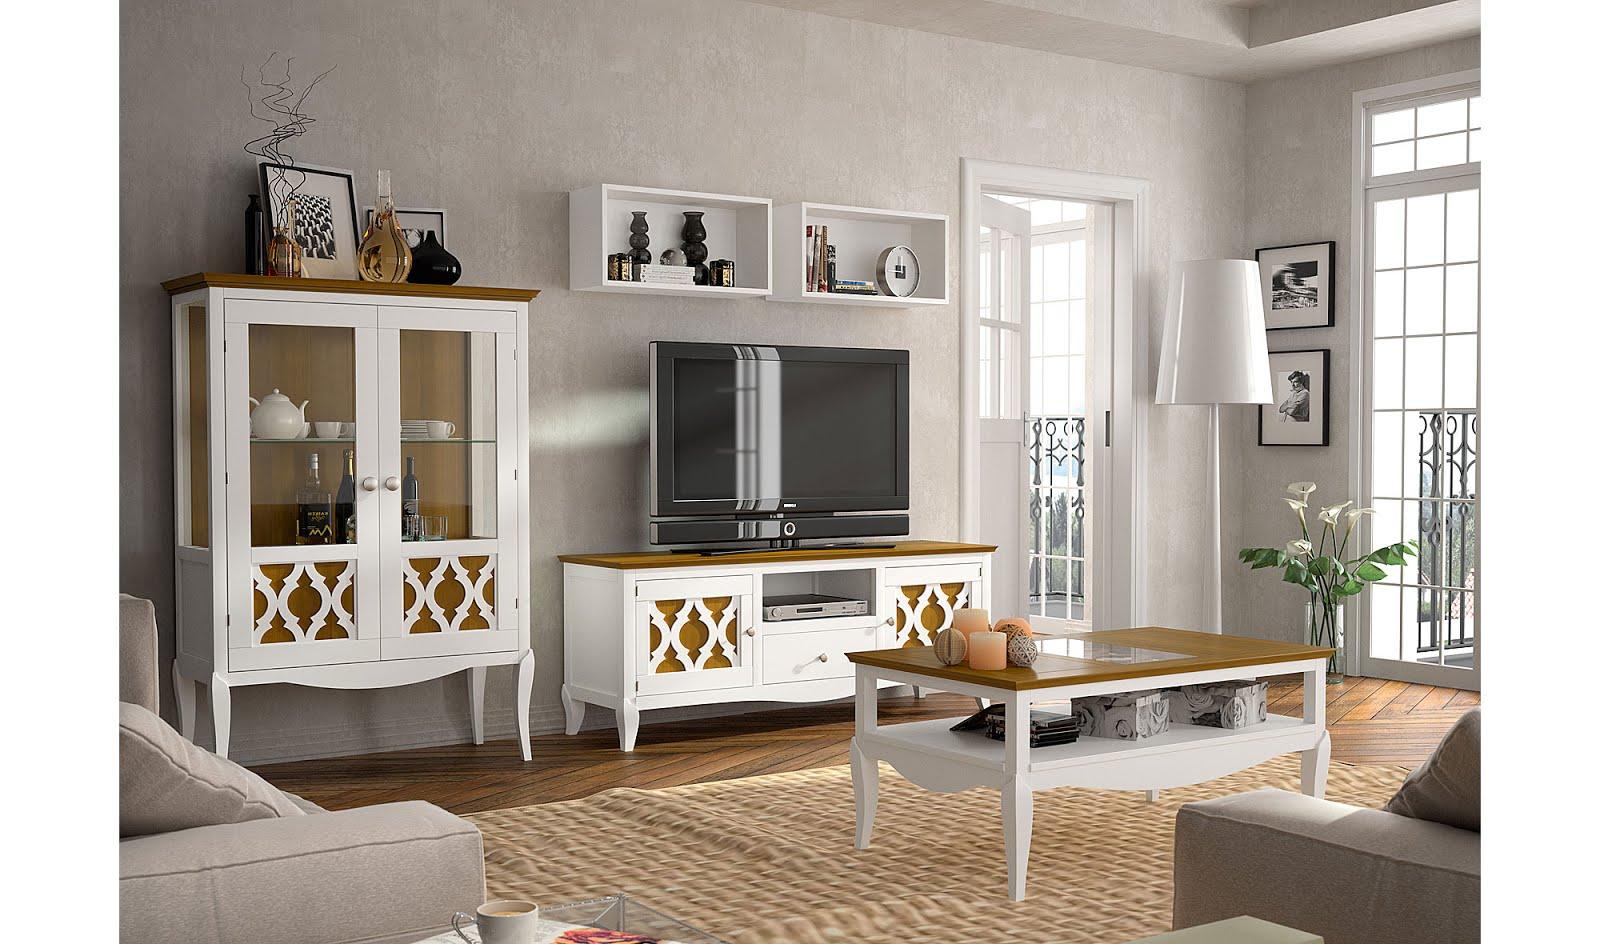 El rincon del mueble patinado negro sobre fondo blanco - Muebles de salon colonial ...